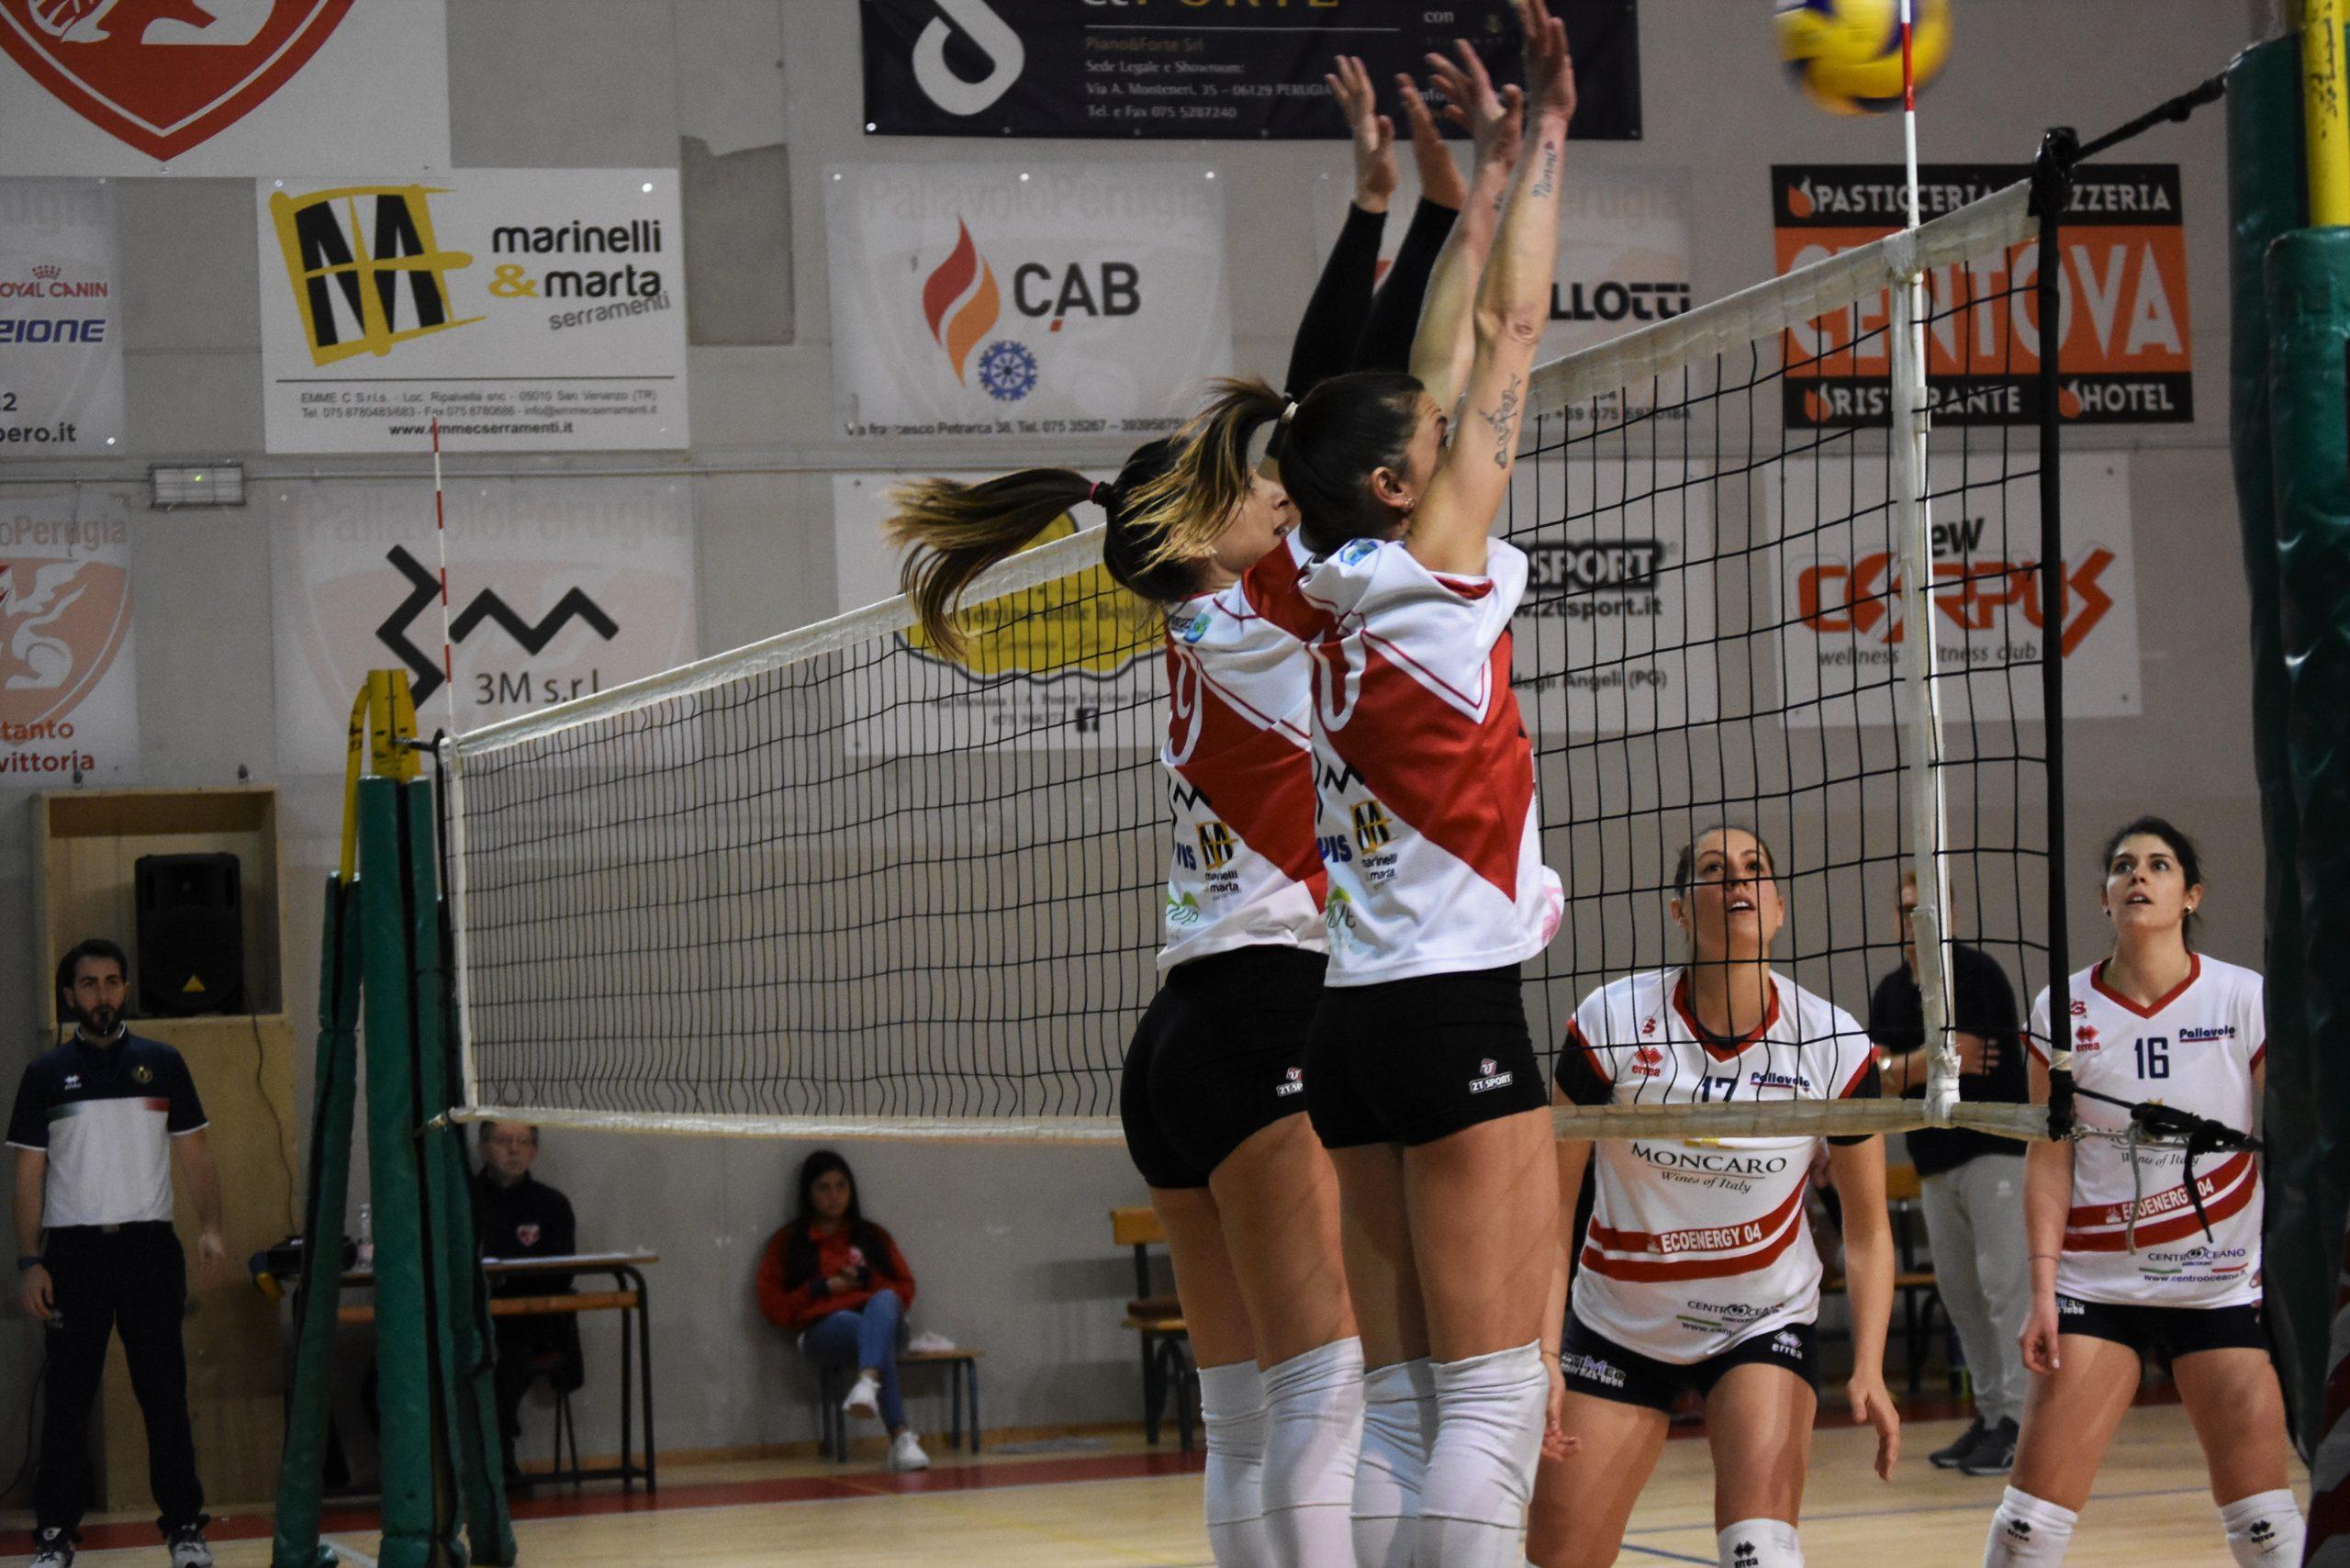 3M Pallavolo Perugia Vs Moncaro Moie 3-0